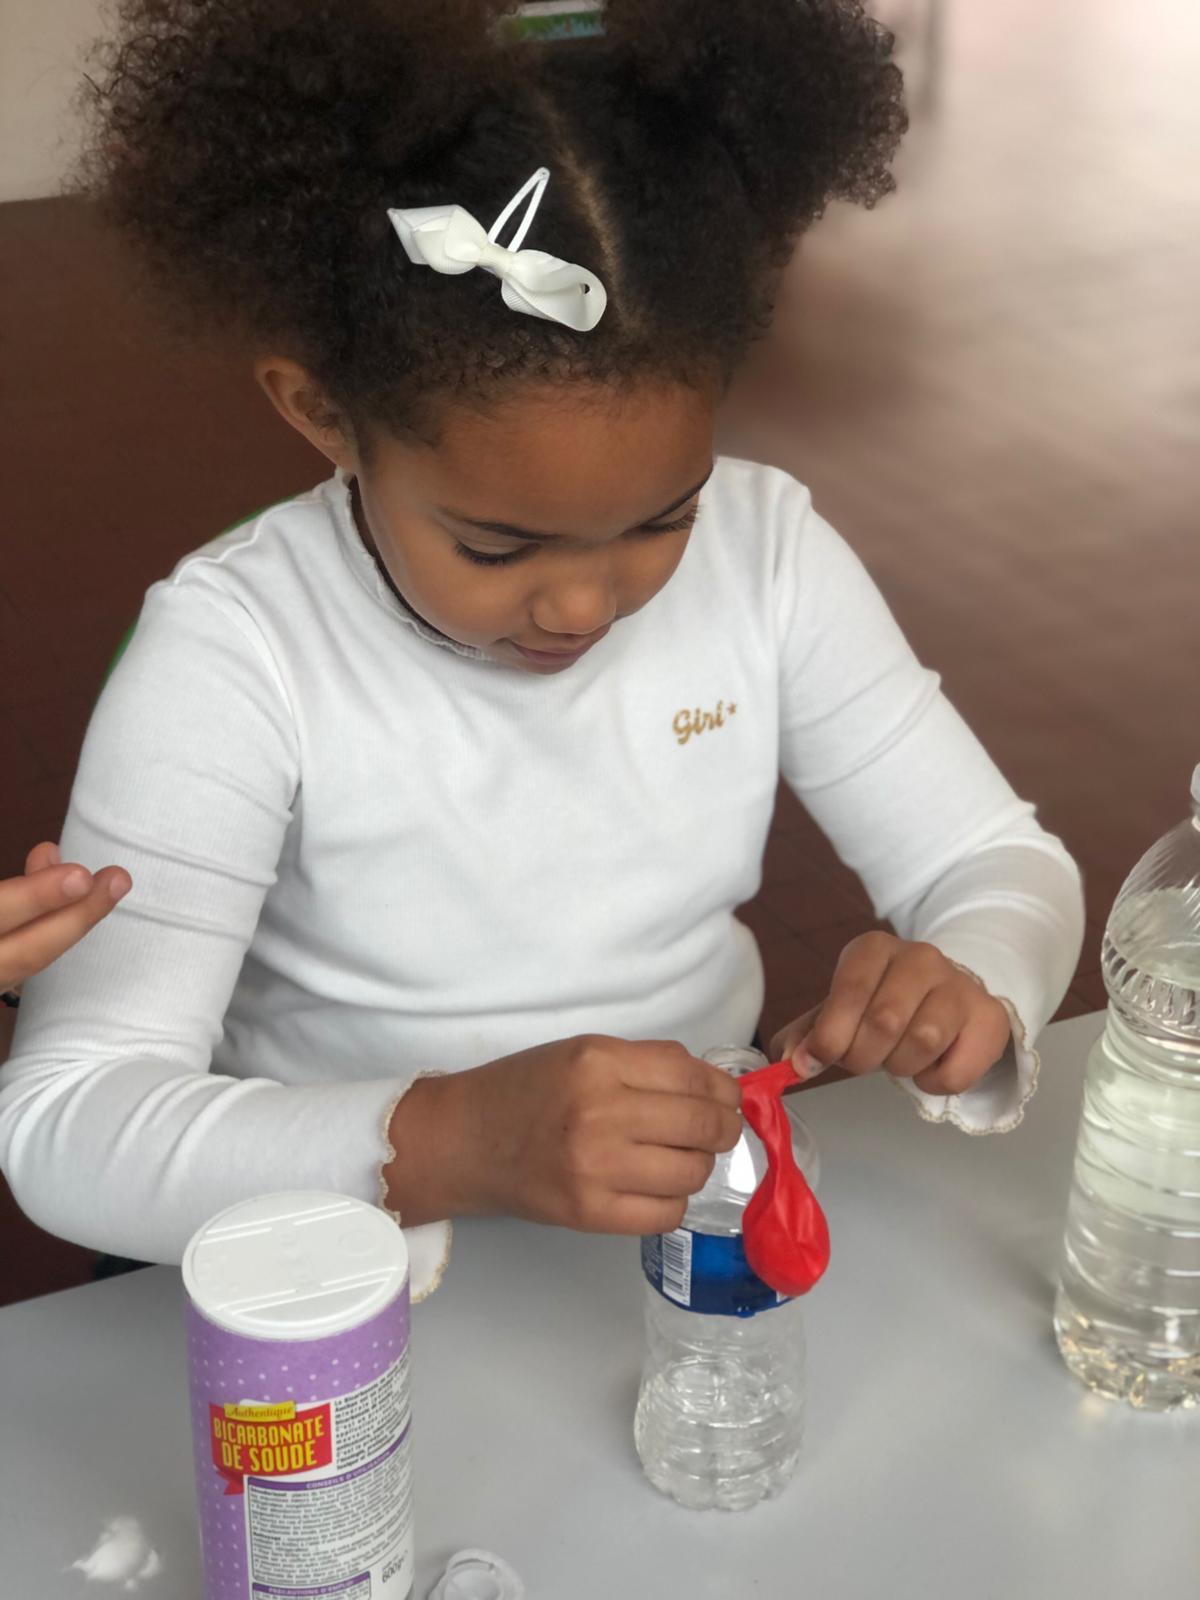 Réaliser une expérience scientifique enfant